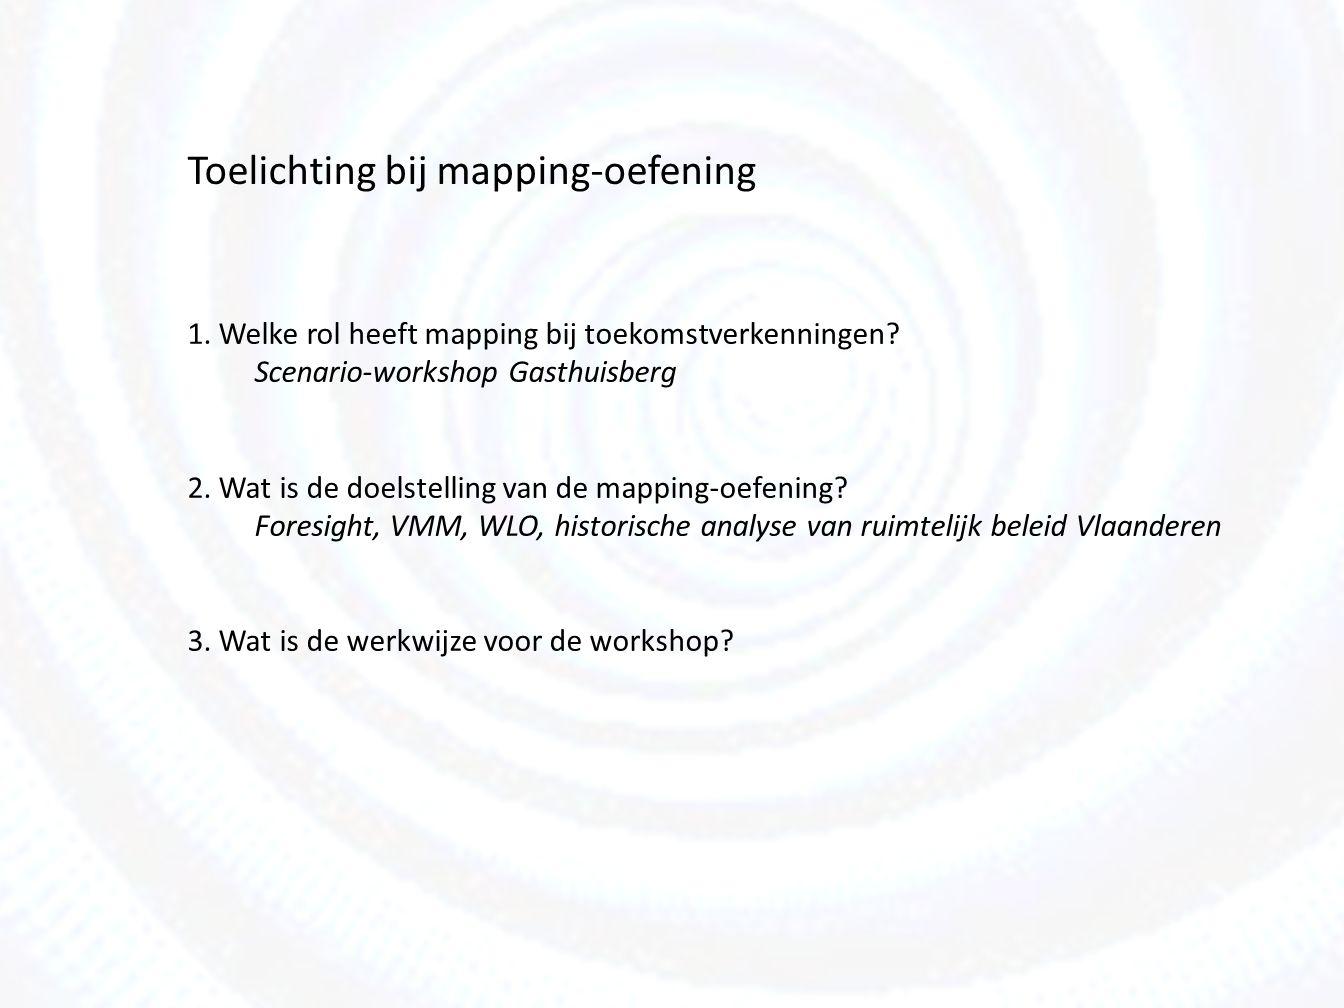 1. Welke rol heeft mapping bij toekomstverkenningen?